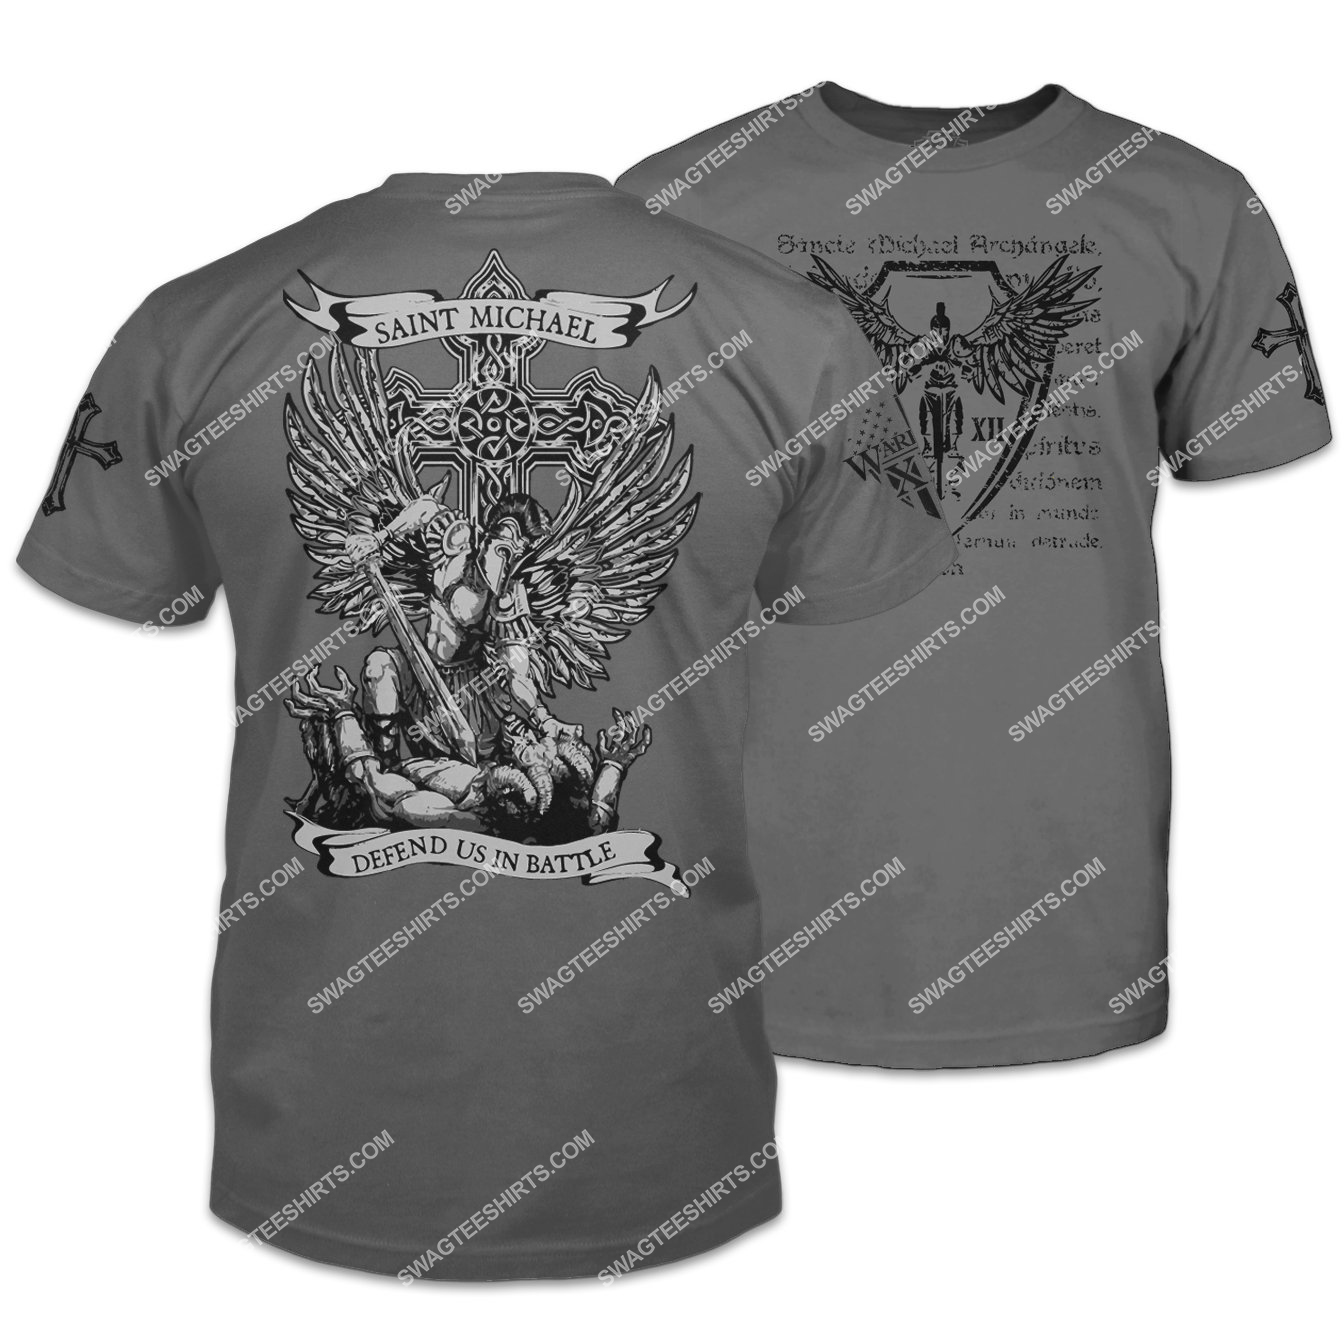 saint michael defend us in battle shirt 1 - Copy (2)